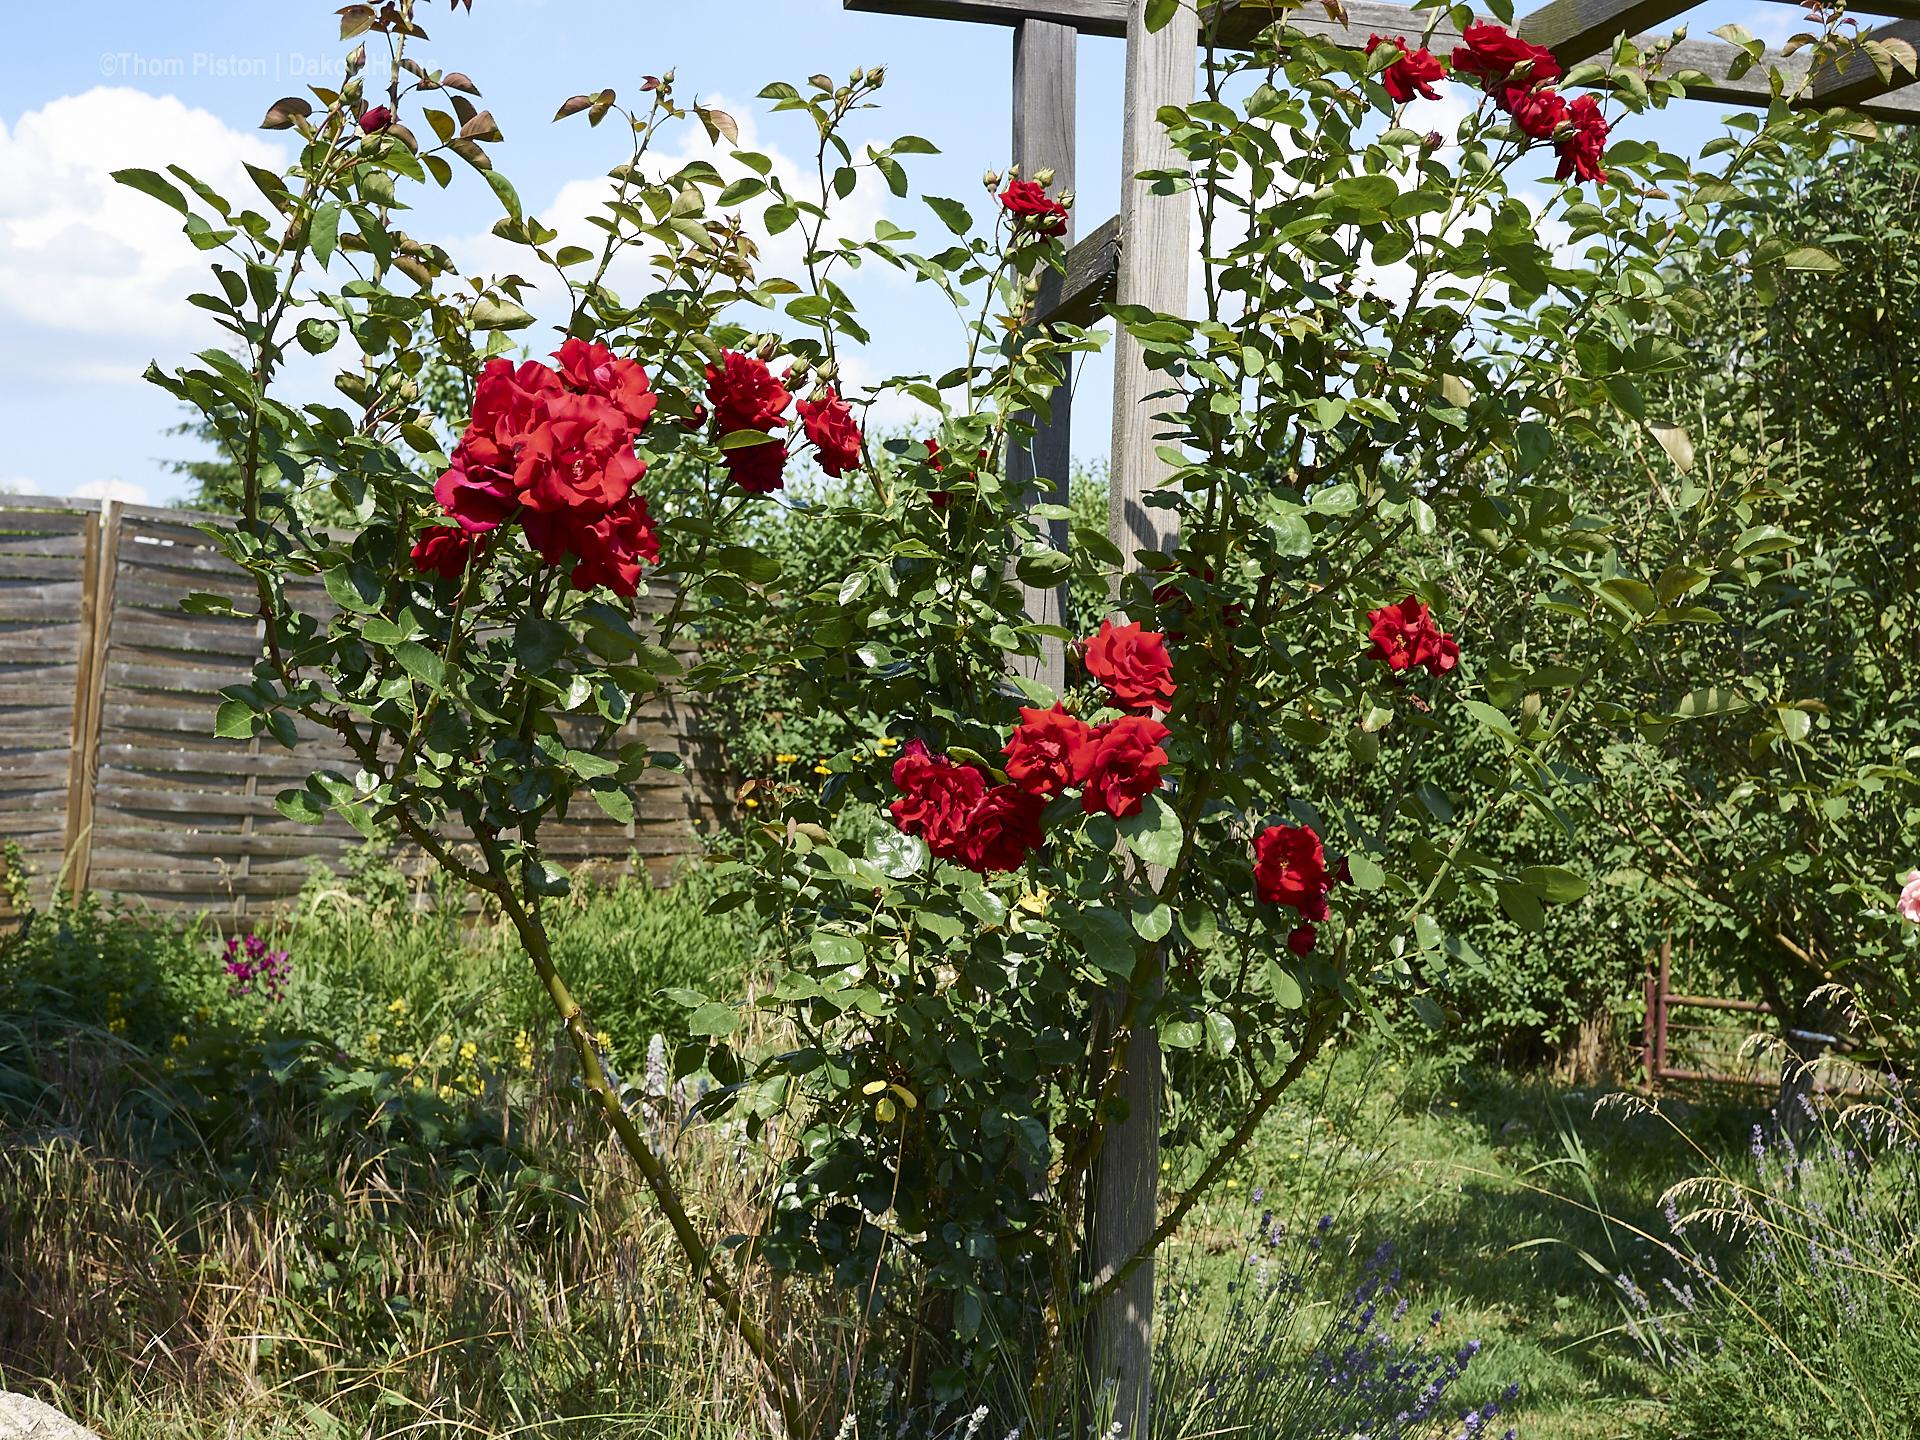 es scheinen die selben Rosen wie am Dakota Home an der Ponderosa zu wachsen..das tiefdunkle Rot der Rosen ist unglaublich schön